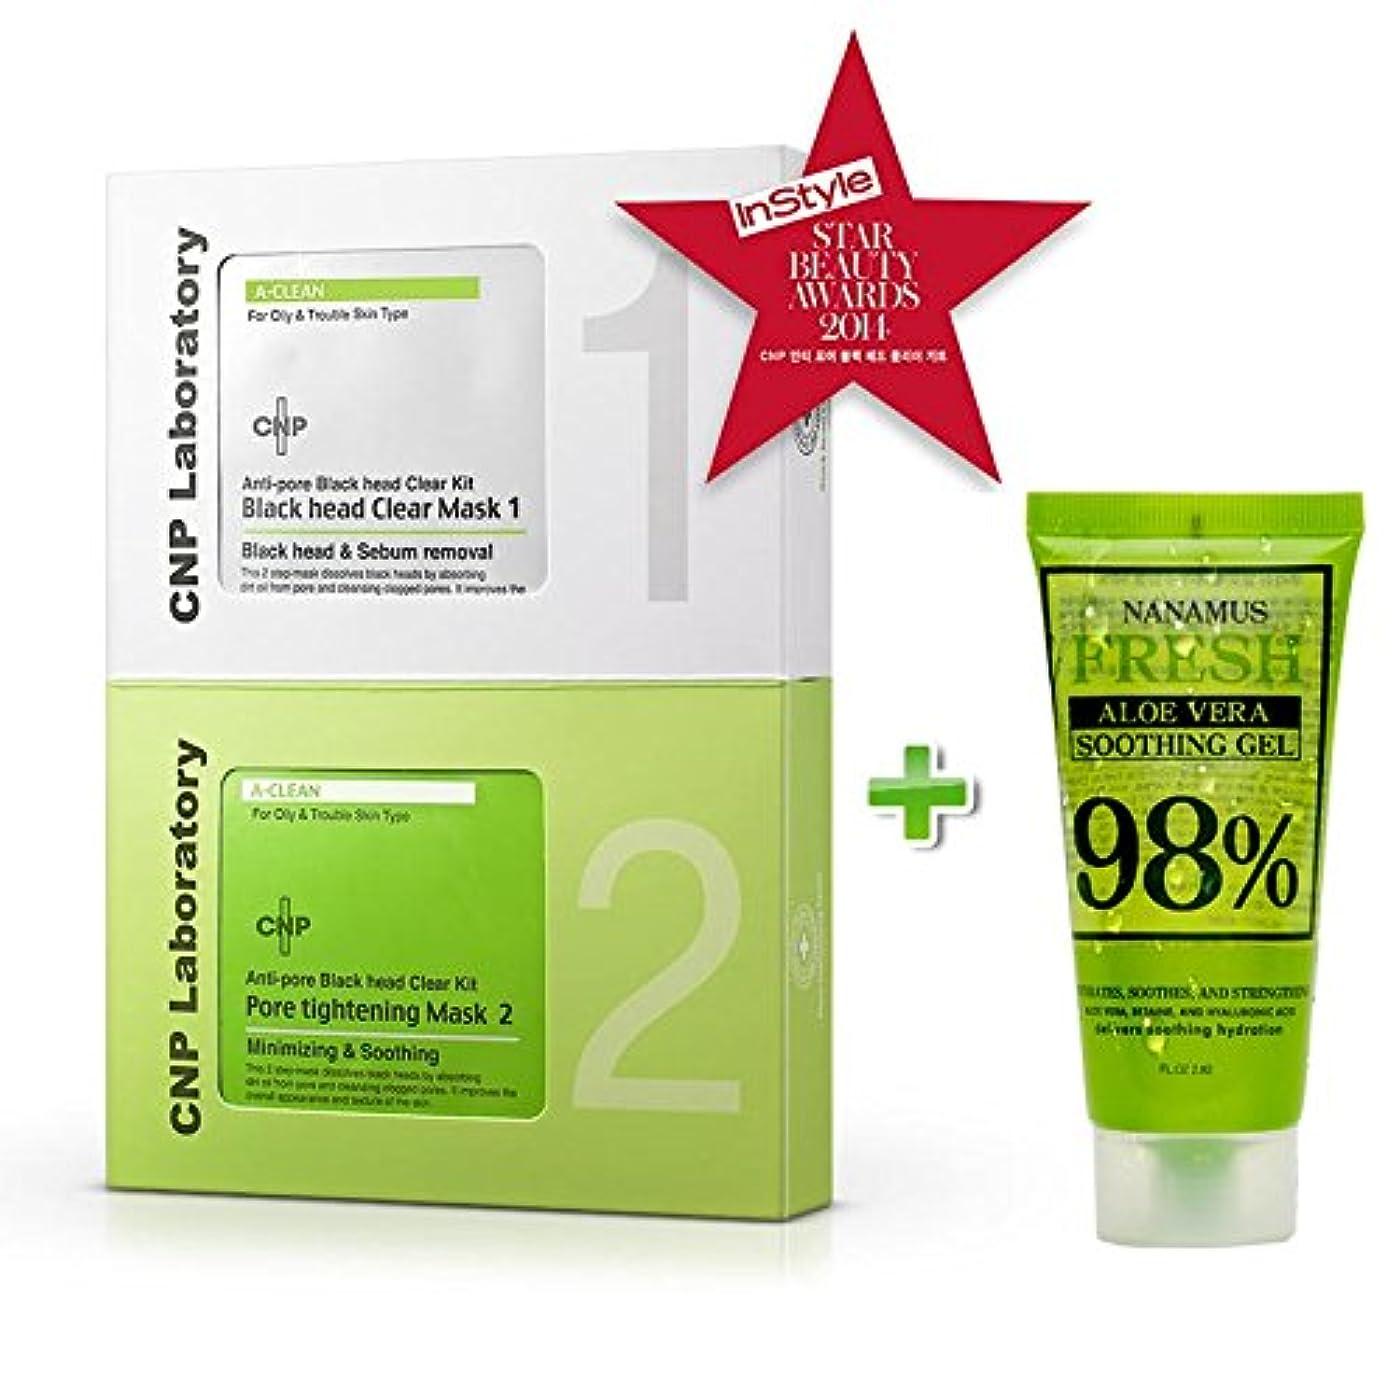 影響するまもなく回復する差額泊/CNP Anti-pore Black head Clear Kit/ アンチポアブラックヘッドクリアキット (10枚)+ Gift アロエ98% ナナムース スディンジェル(海外直送品)